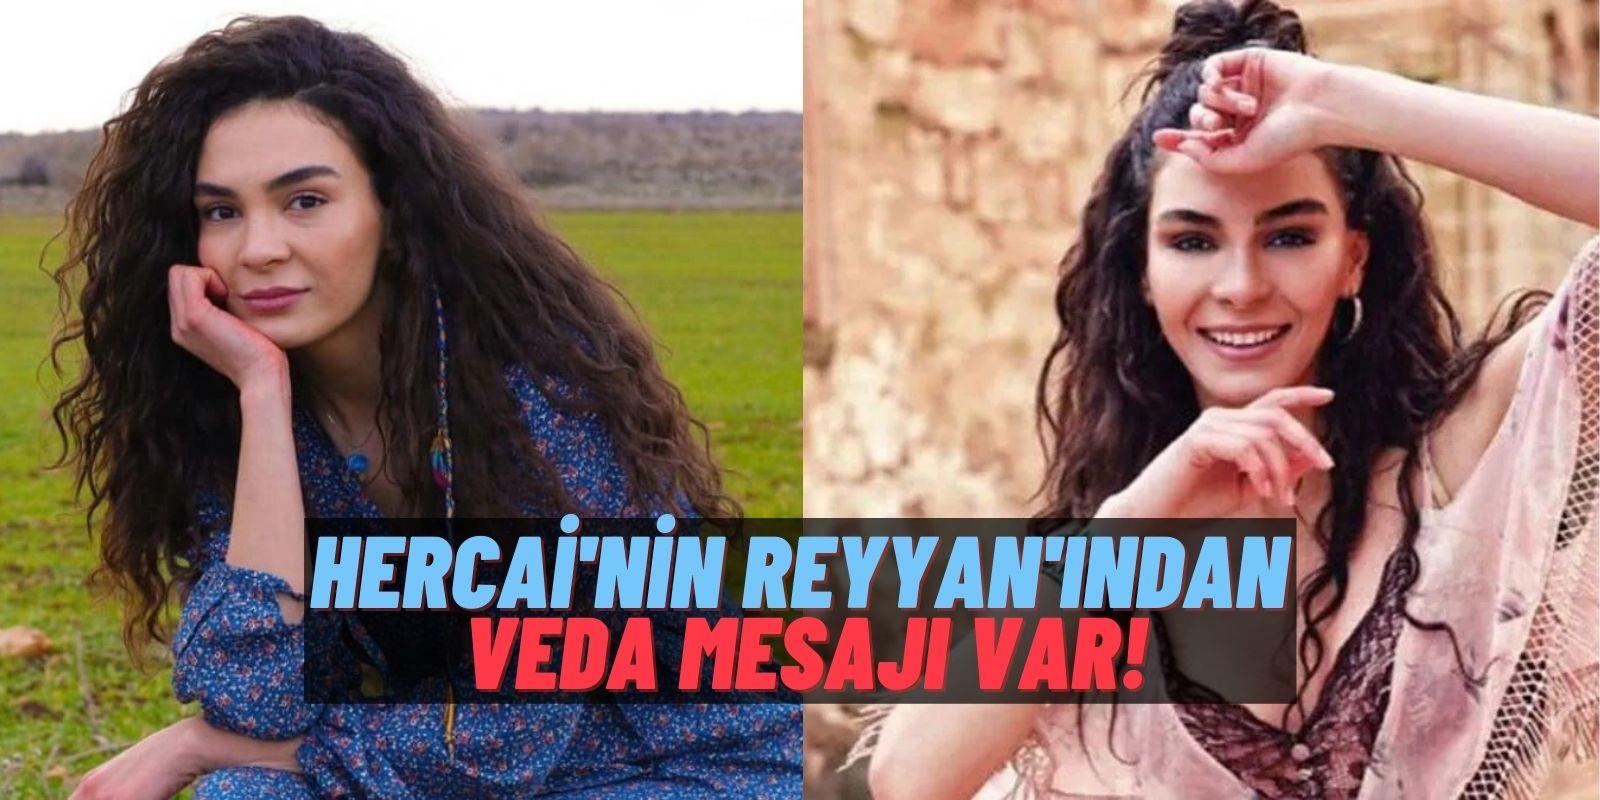 Hercai'nin Reyyan'ı Ebru Şahin'den Duygusal Veda! İlk Başladığım Yerdeyim